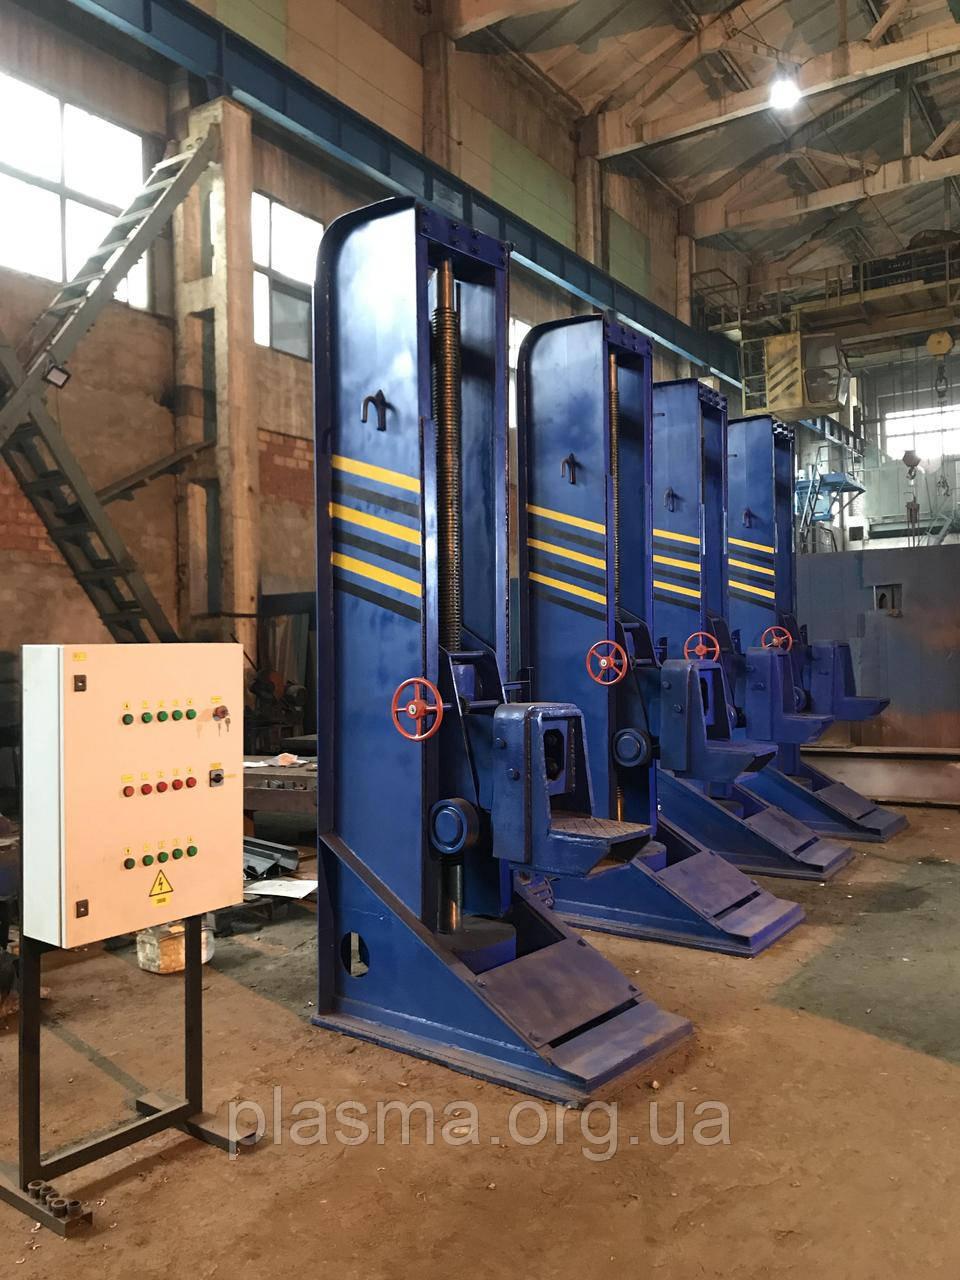 Домкрати залізничні тепловозні ДТ-30, ДТ-40